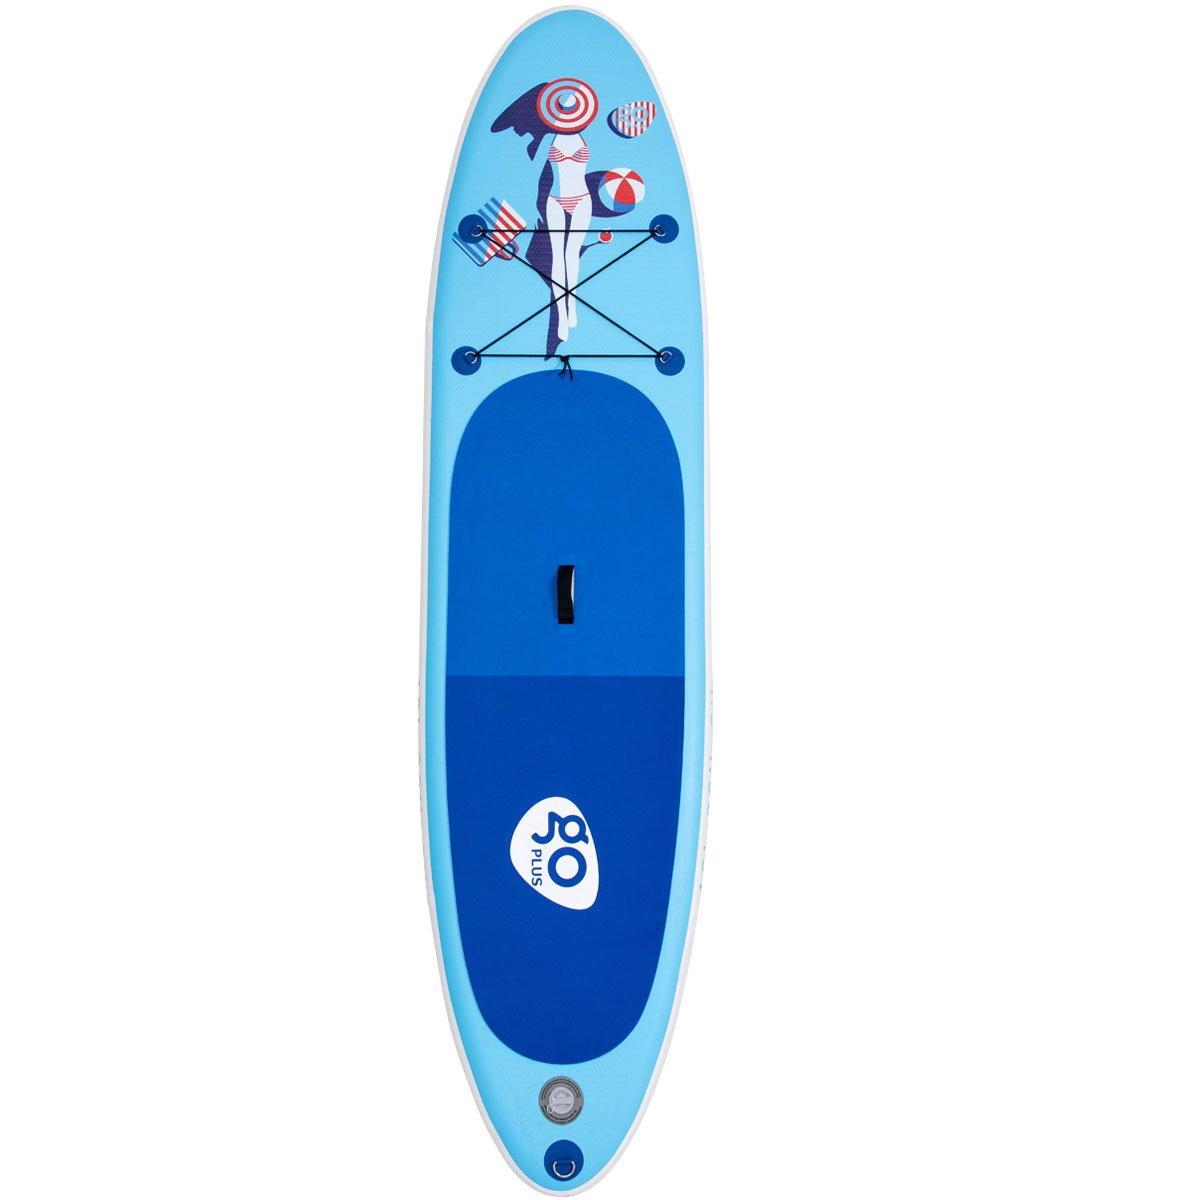 Surfboard bis 200 kg Paddelboard mit Pumpe Stand up Board Set COSTWAY Sup-Board aufblasbar Paddelbrett mit Alu-Paddel